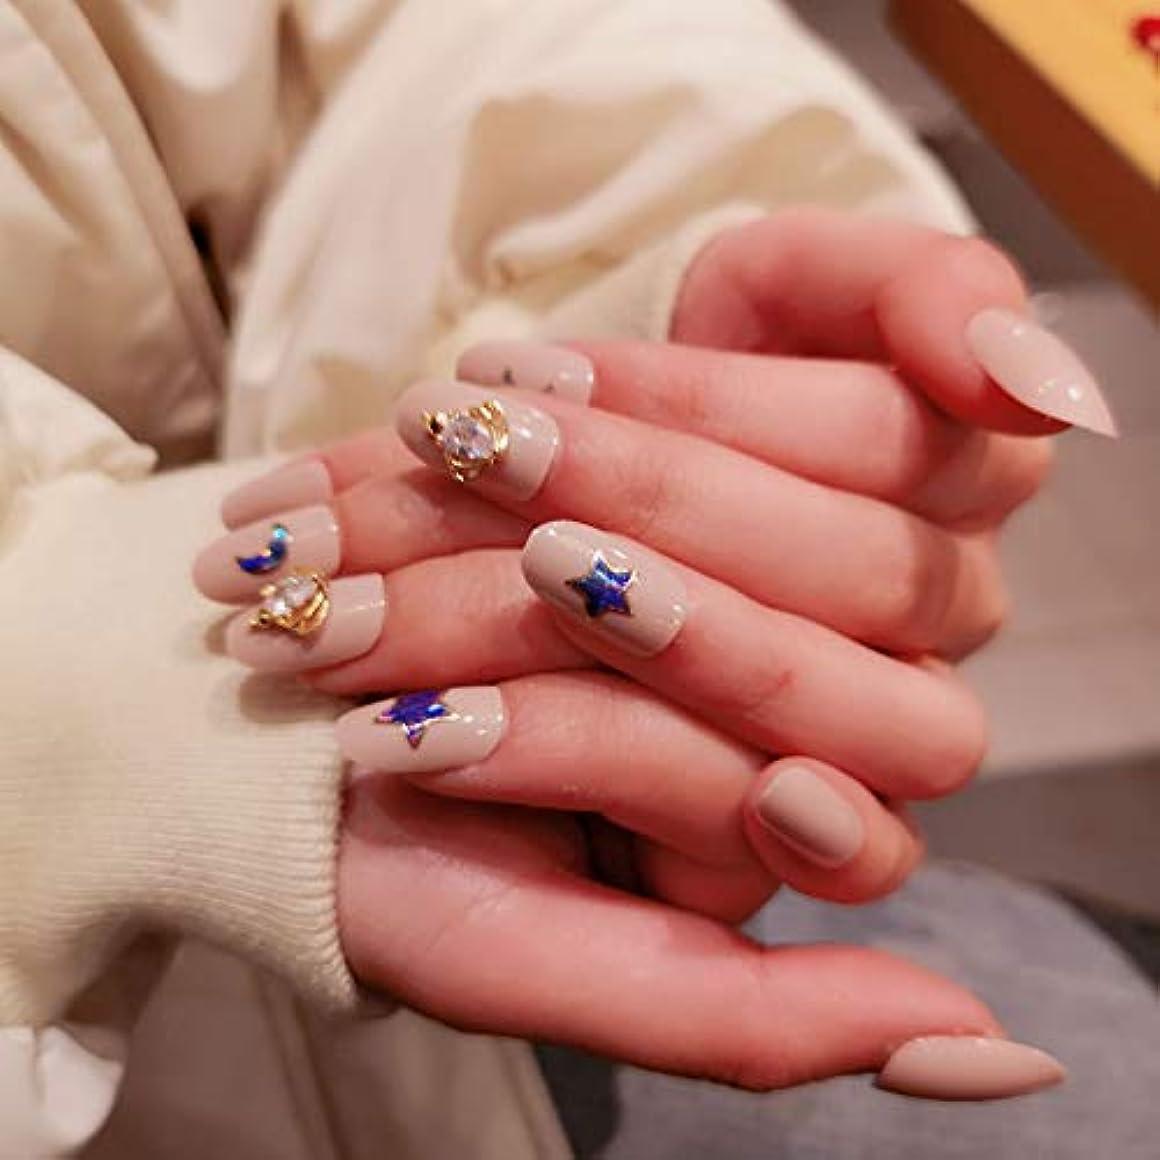 芸術わかるリスナーVALEN Nail Patch ネイルチップ24枚セット 手作りネイルチップ 3D デコレーション ネイルチップ ネイルジュエリー つけ爪 24枚入 フルチップ シンプル 結婚式、パーティー、二次会などに ネイルアート